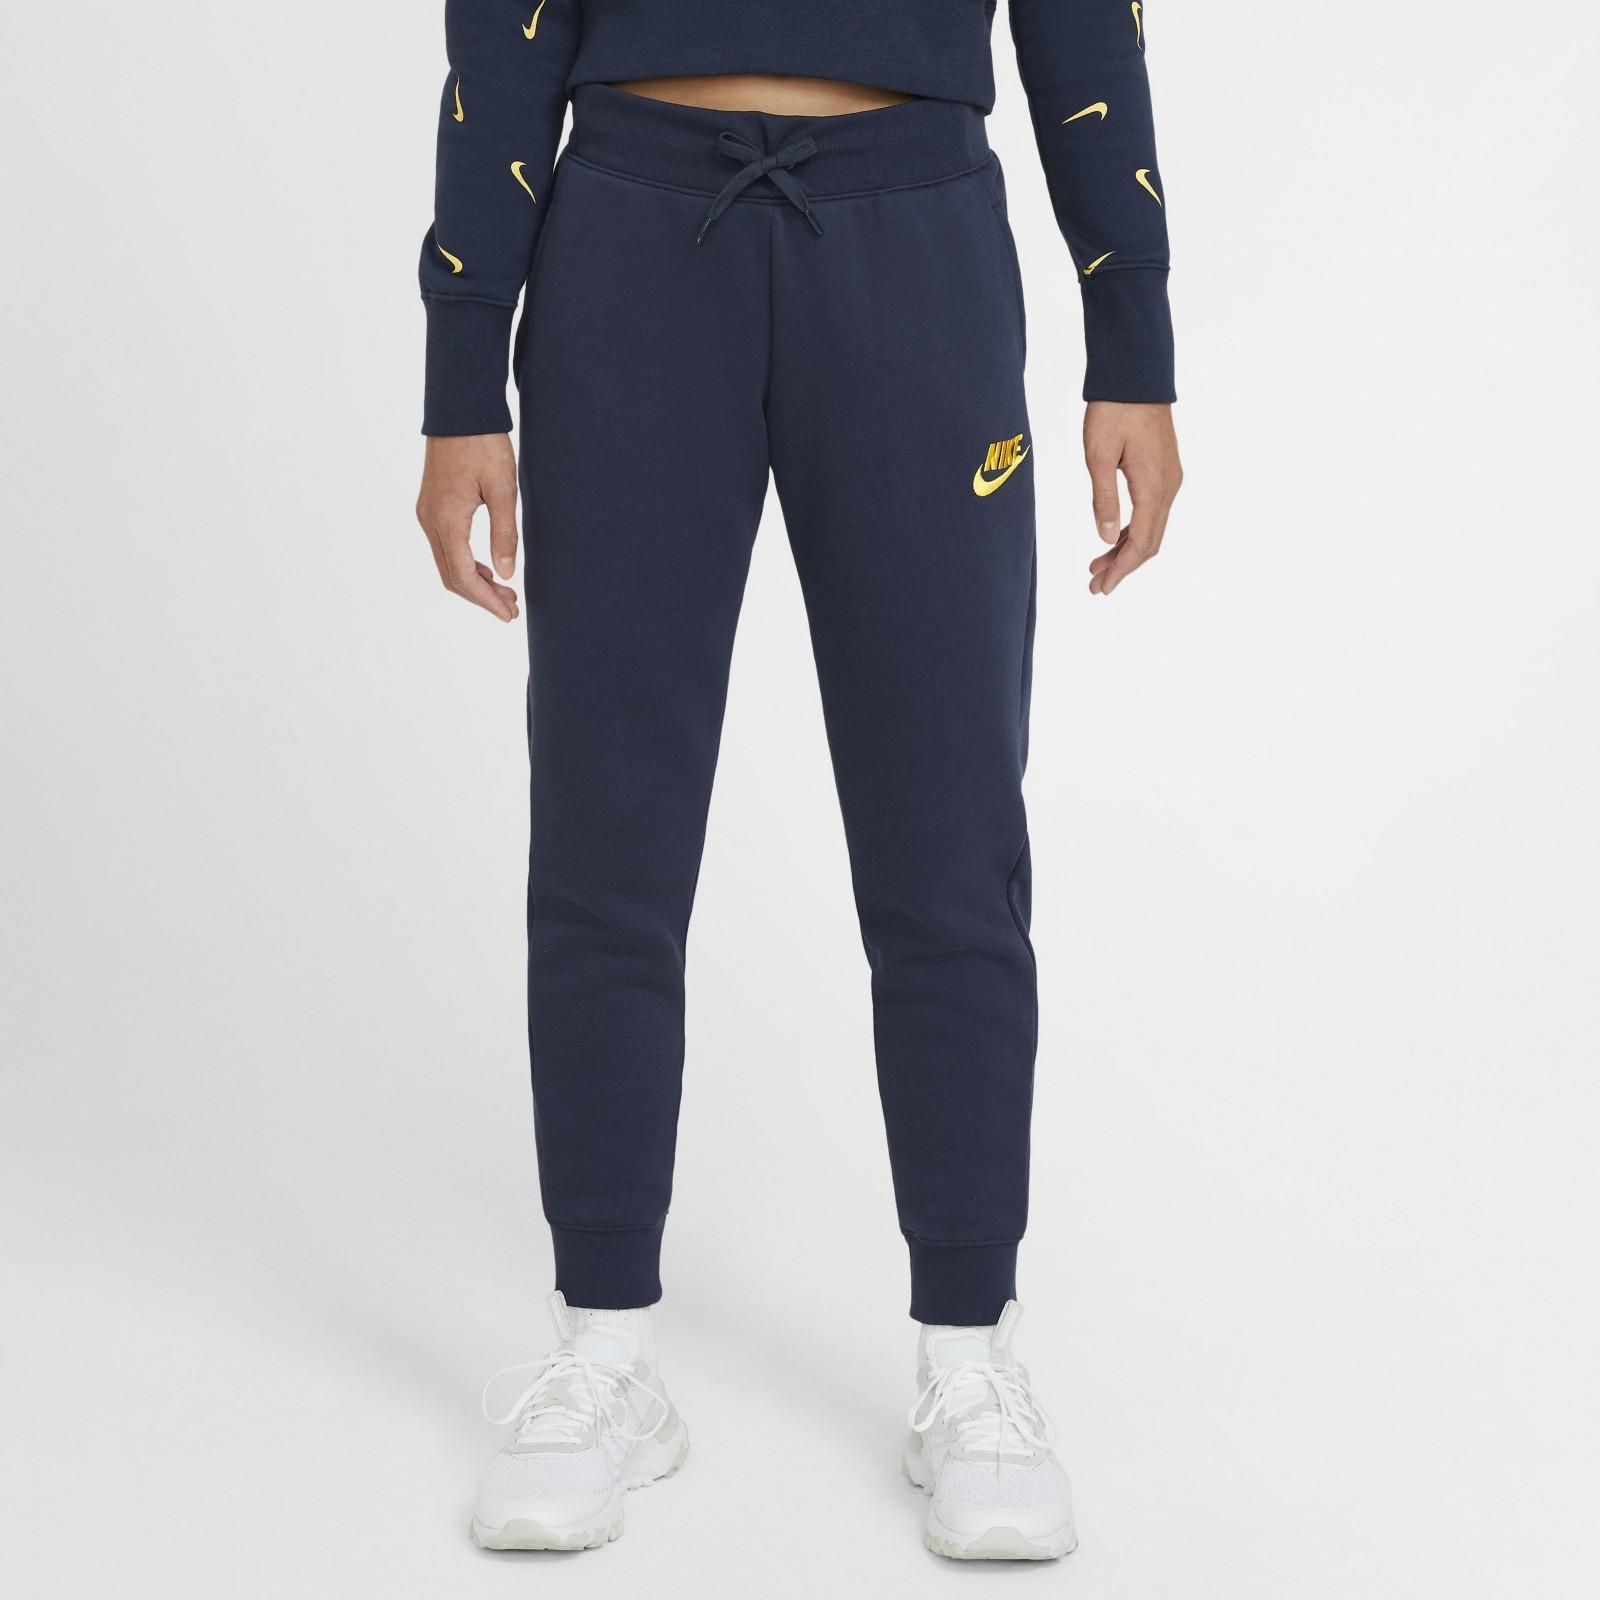 Nike Sportswear OBSIDIAN/UNIVERSITY GOLD